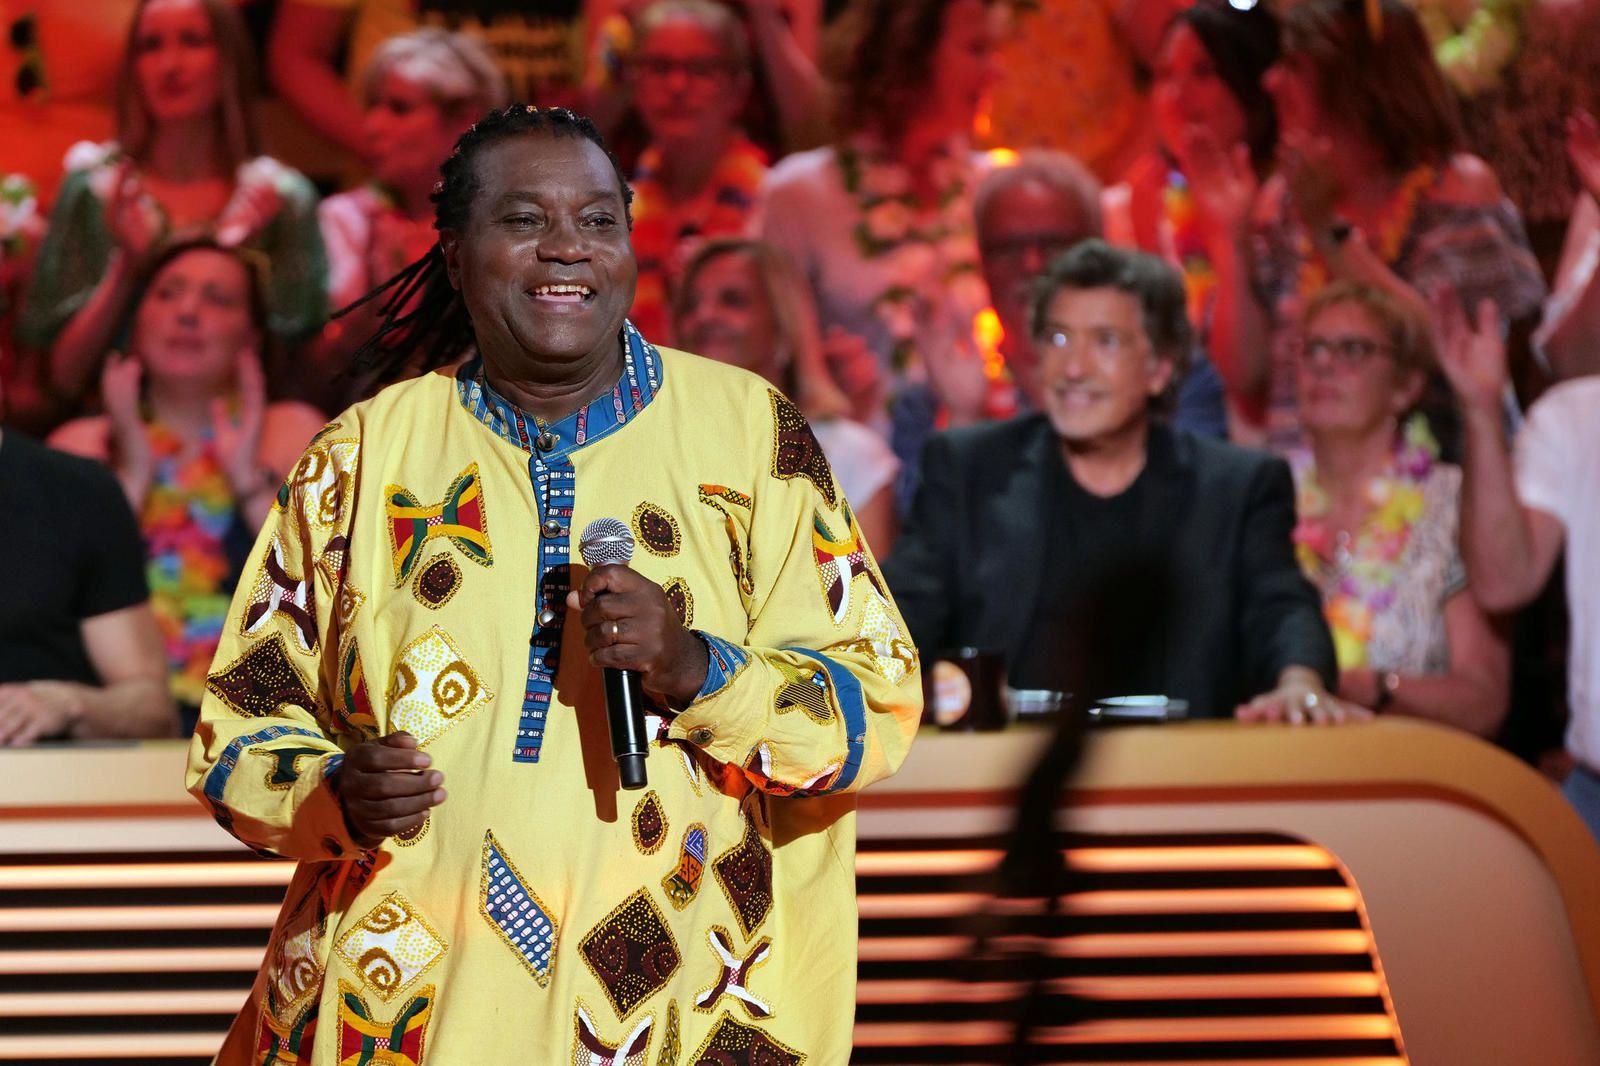 Les invités du divertissement Les Enfants de la musique, ce vendredi sur France 3.